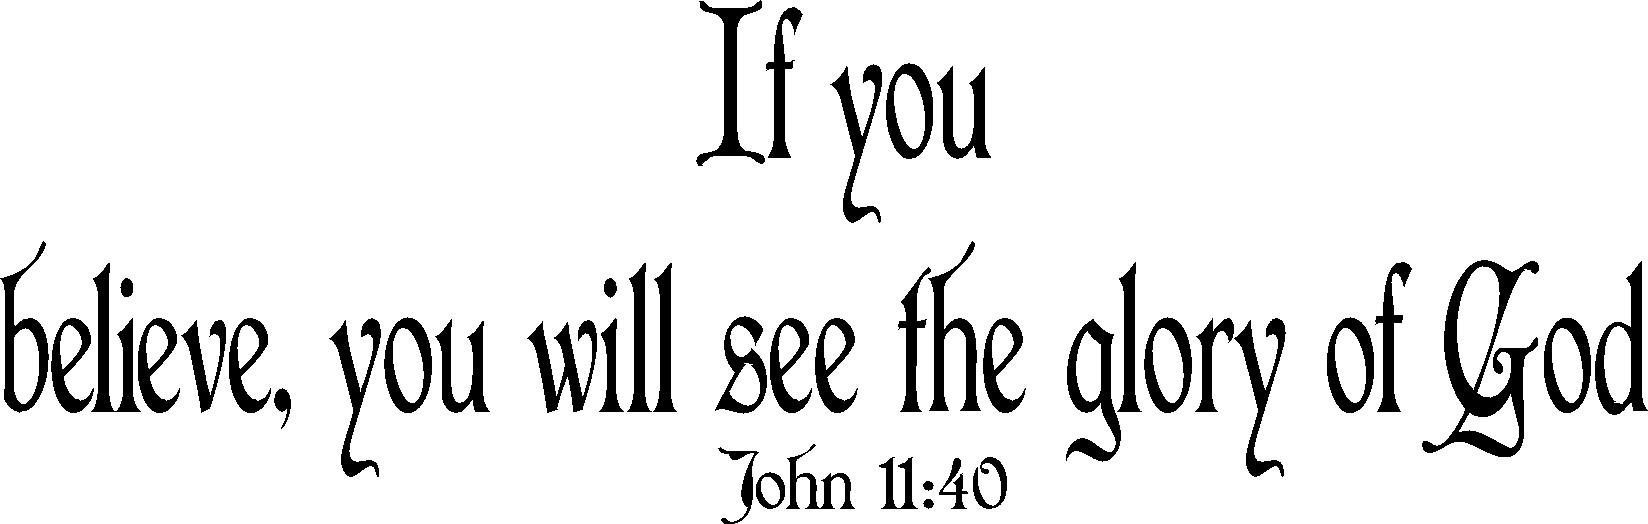 John 11:40 Inspirational Bible Quotes Wall Decal